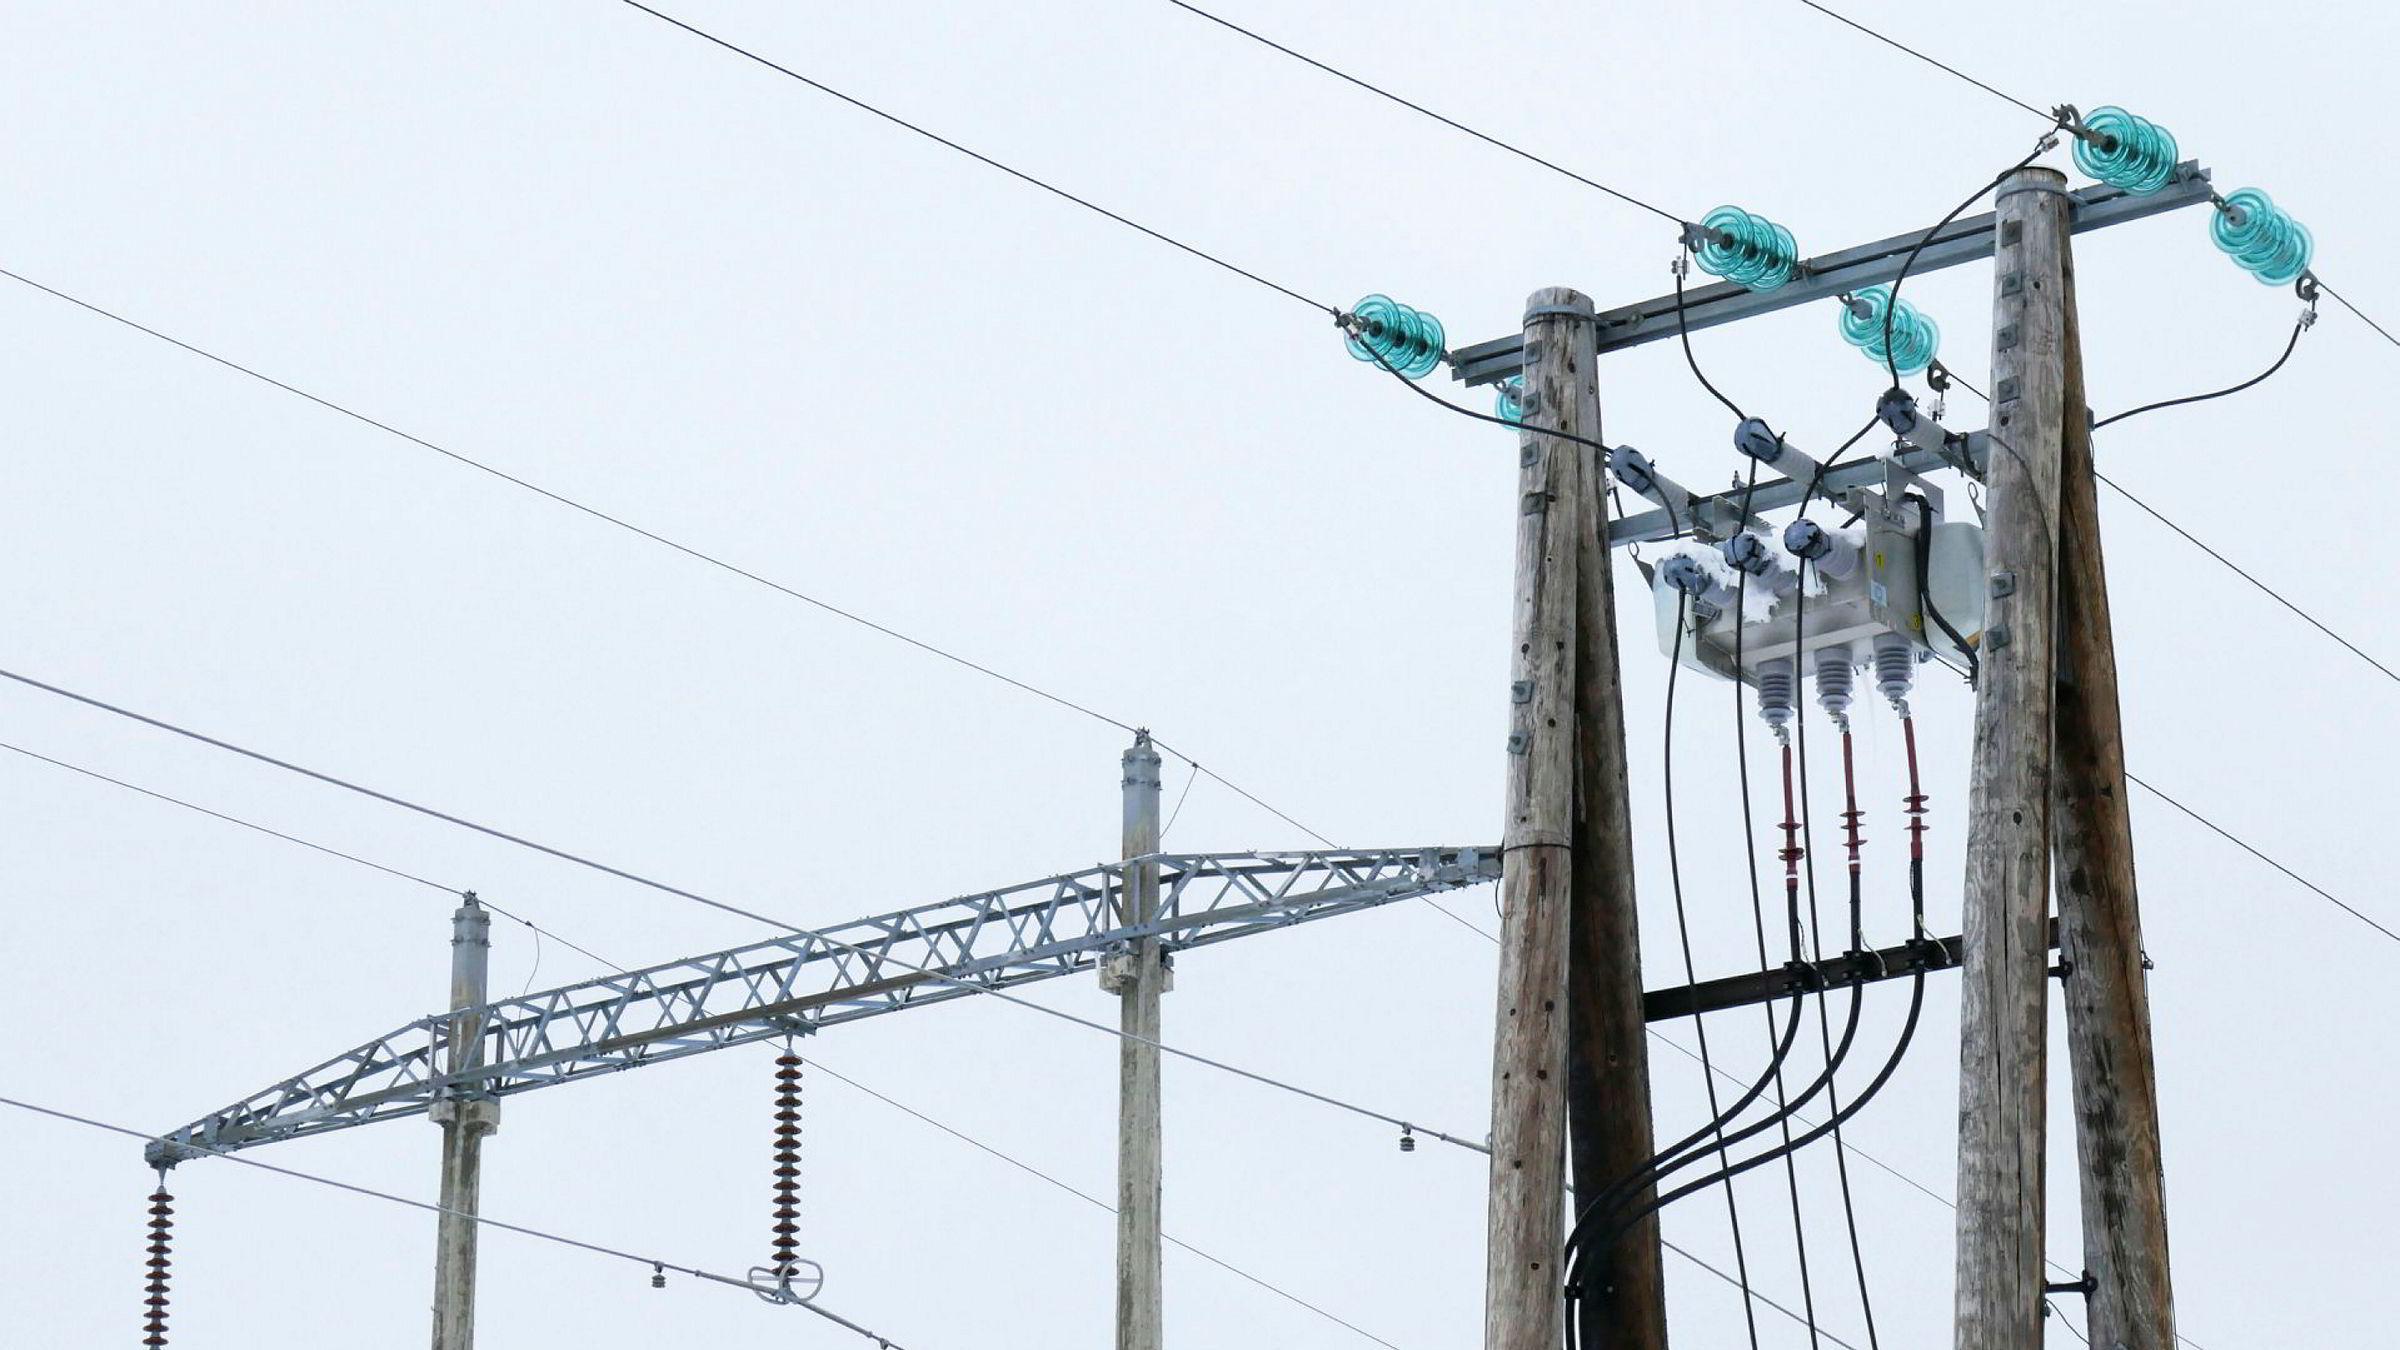 Investeringer i nettene fører til økt leie. Bildet viser strømkabler fra mast til mast på Skeikampen i Oppland.